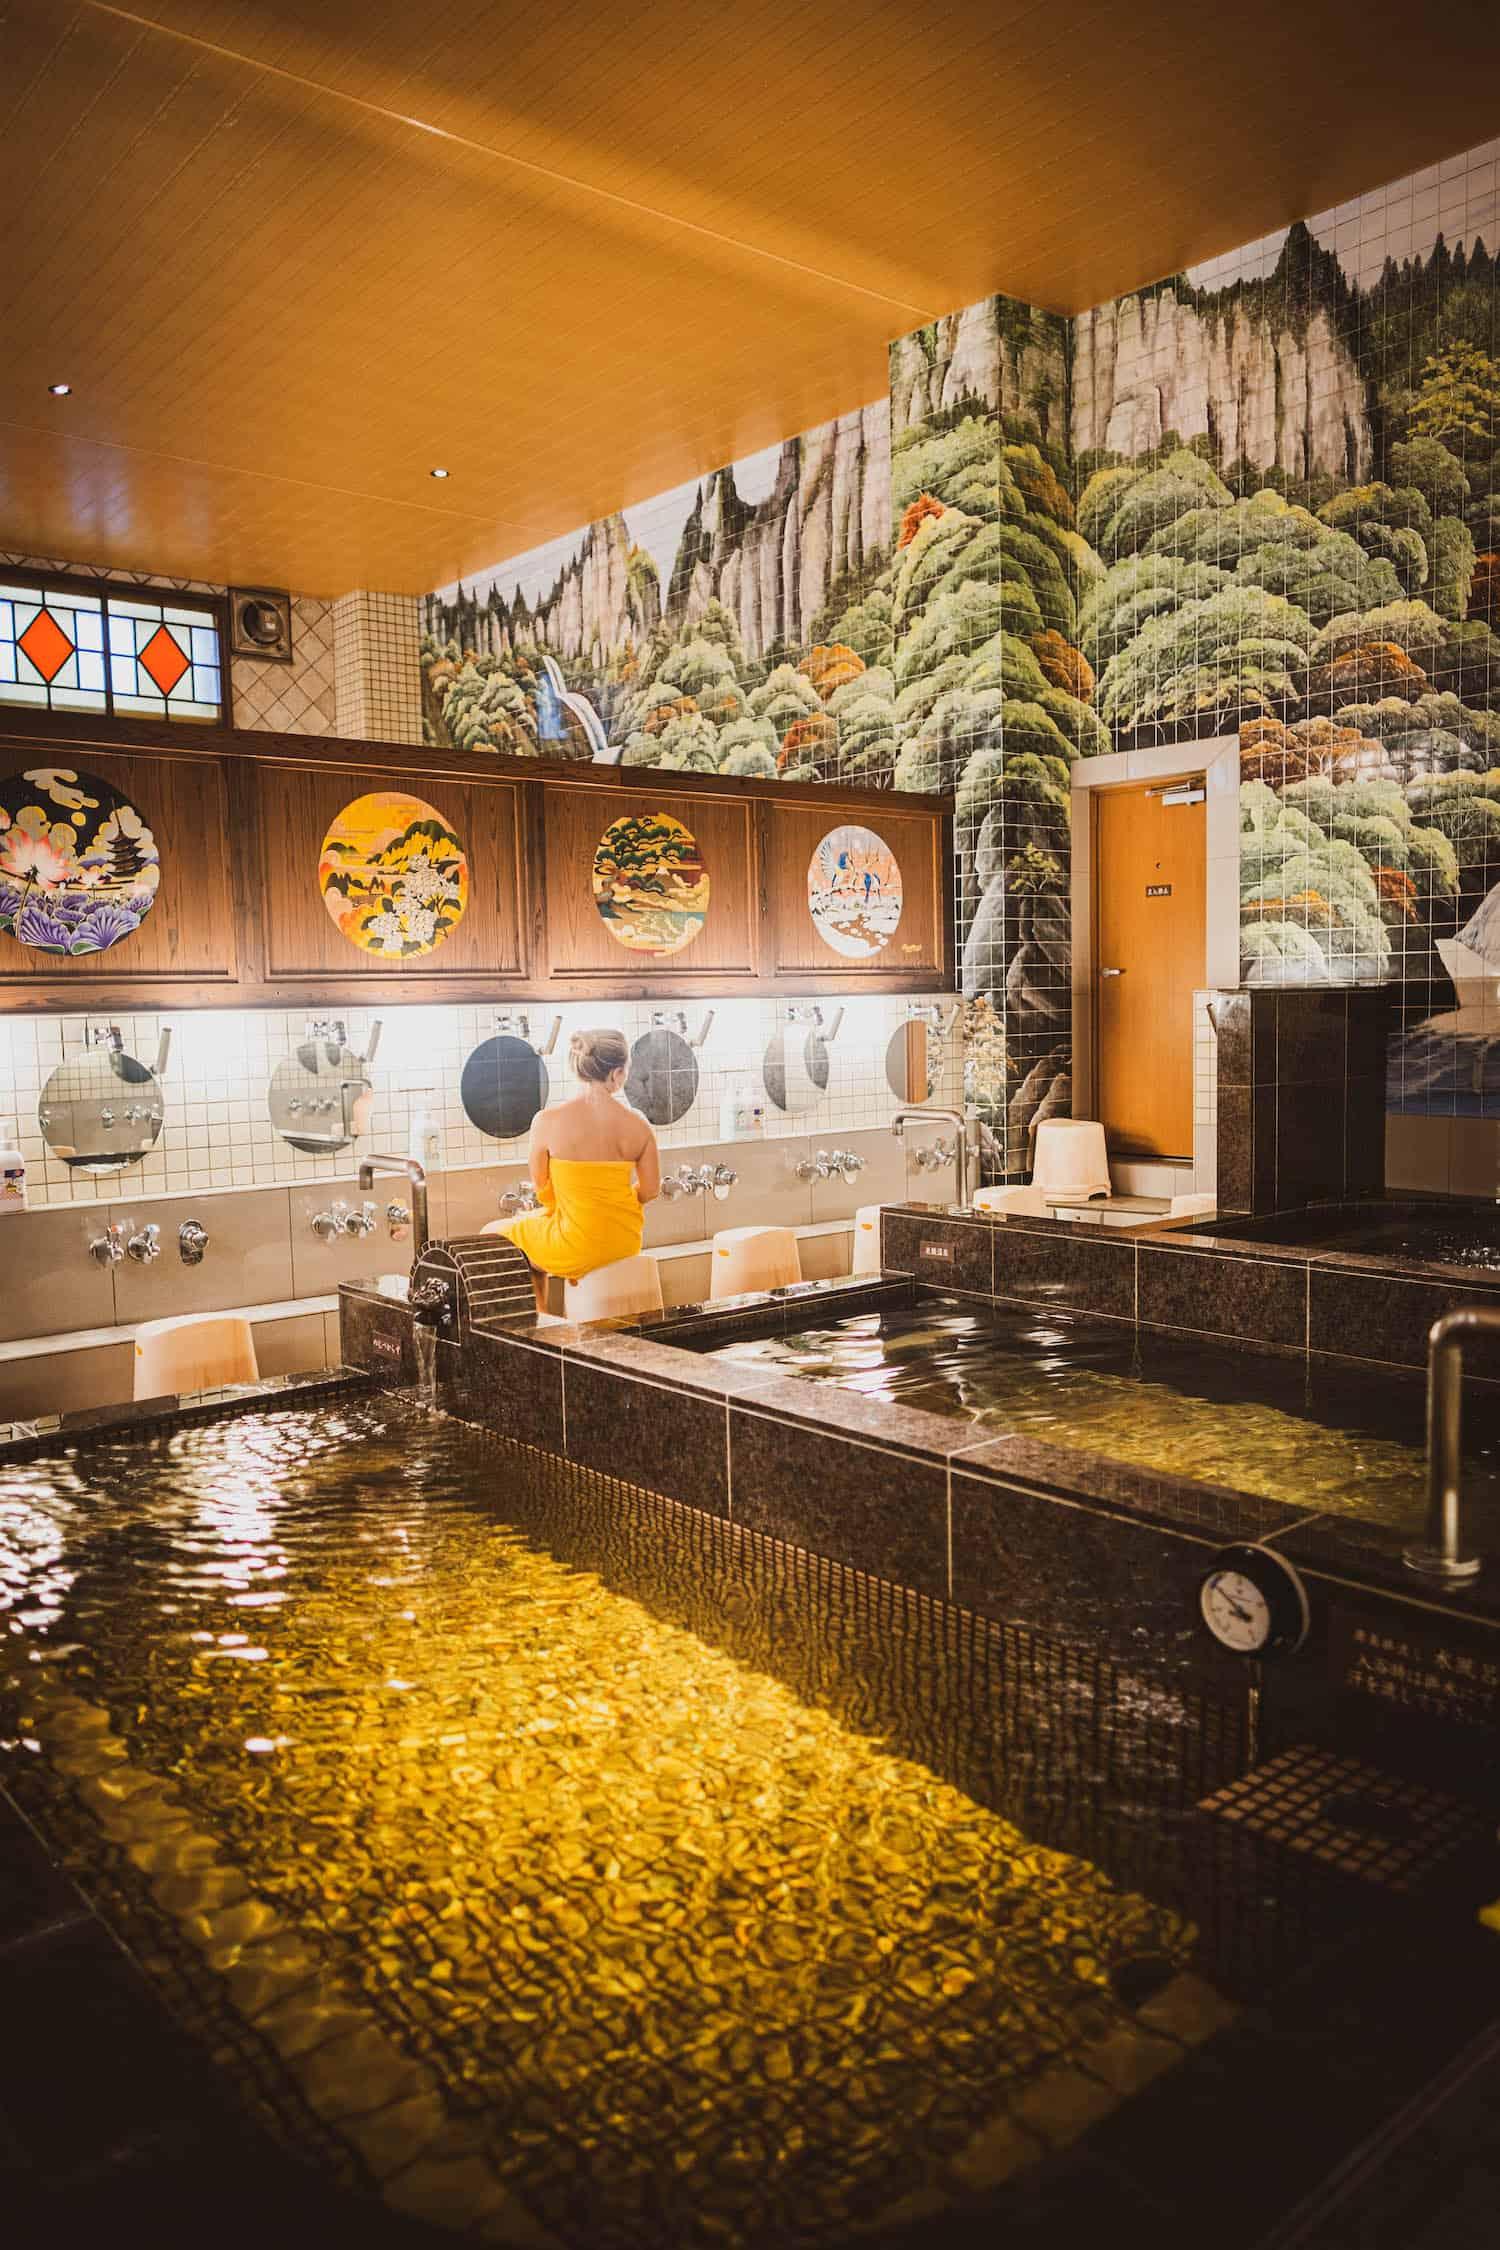 Inside Japanese Sento Hasunuma Onsen